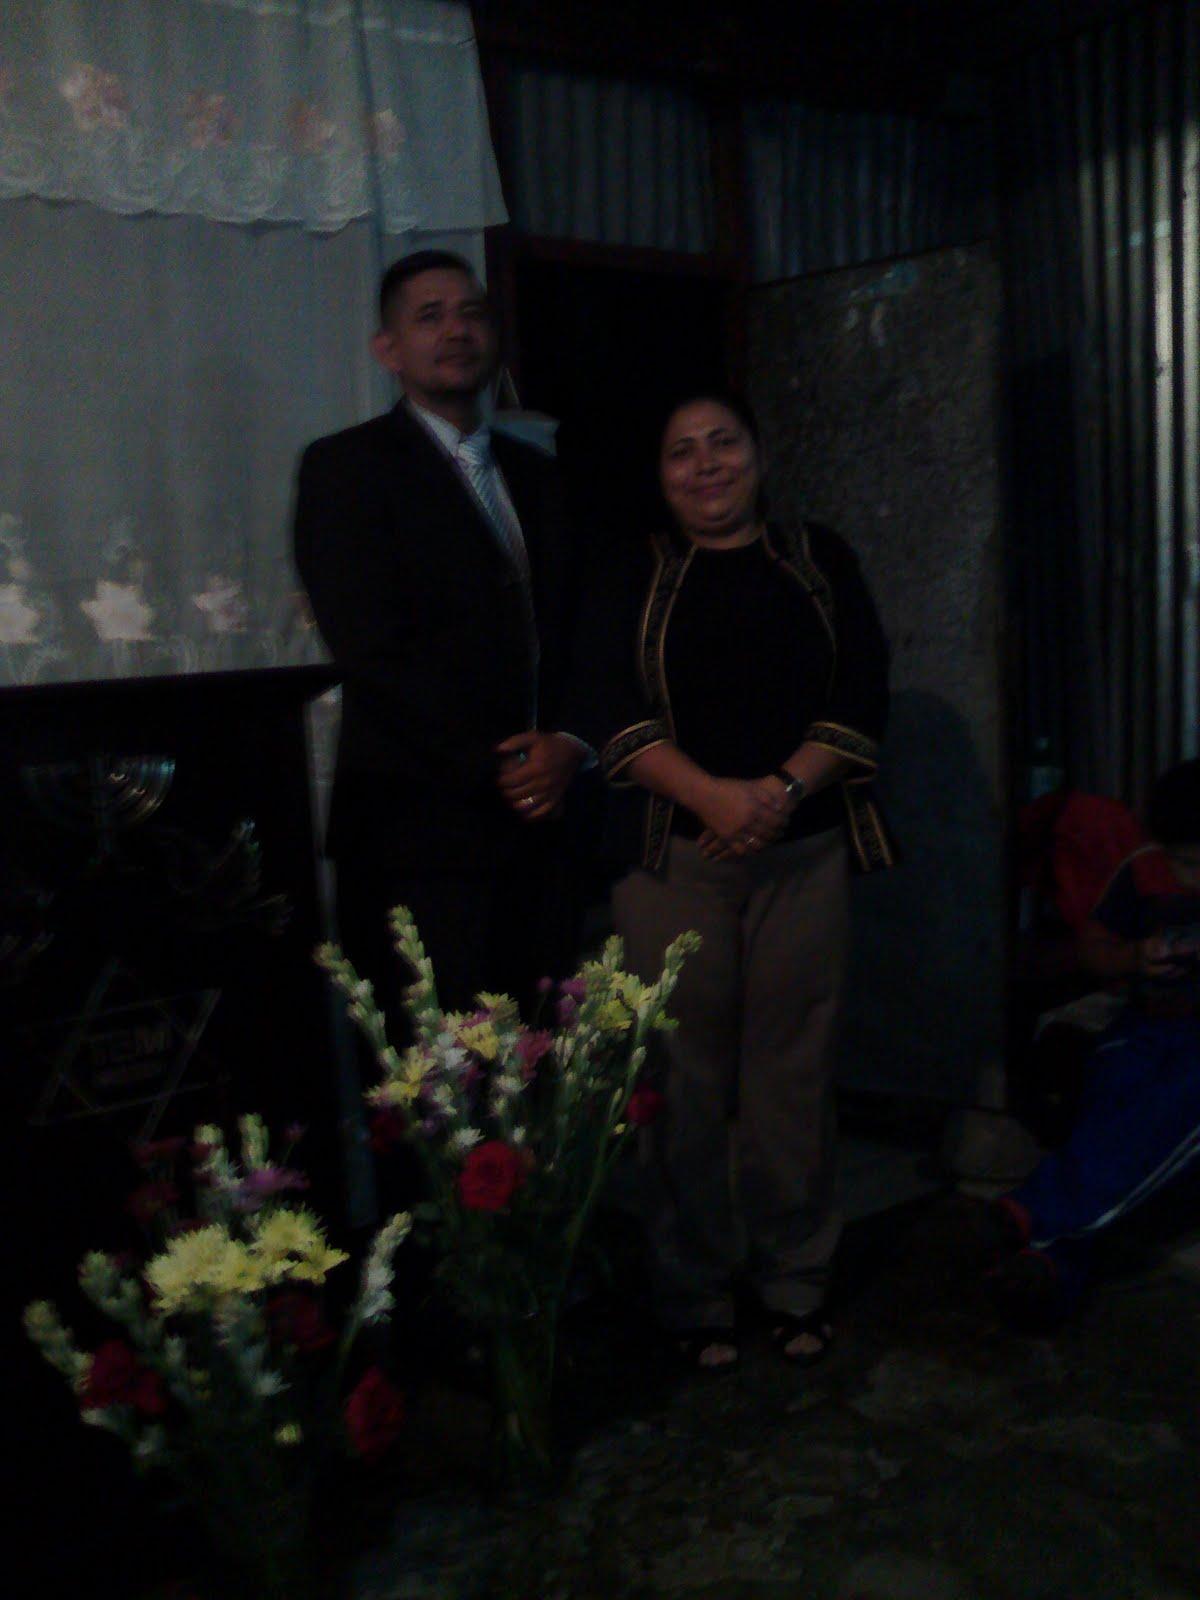 Iglesia TBM-Mission, El Salvador.